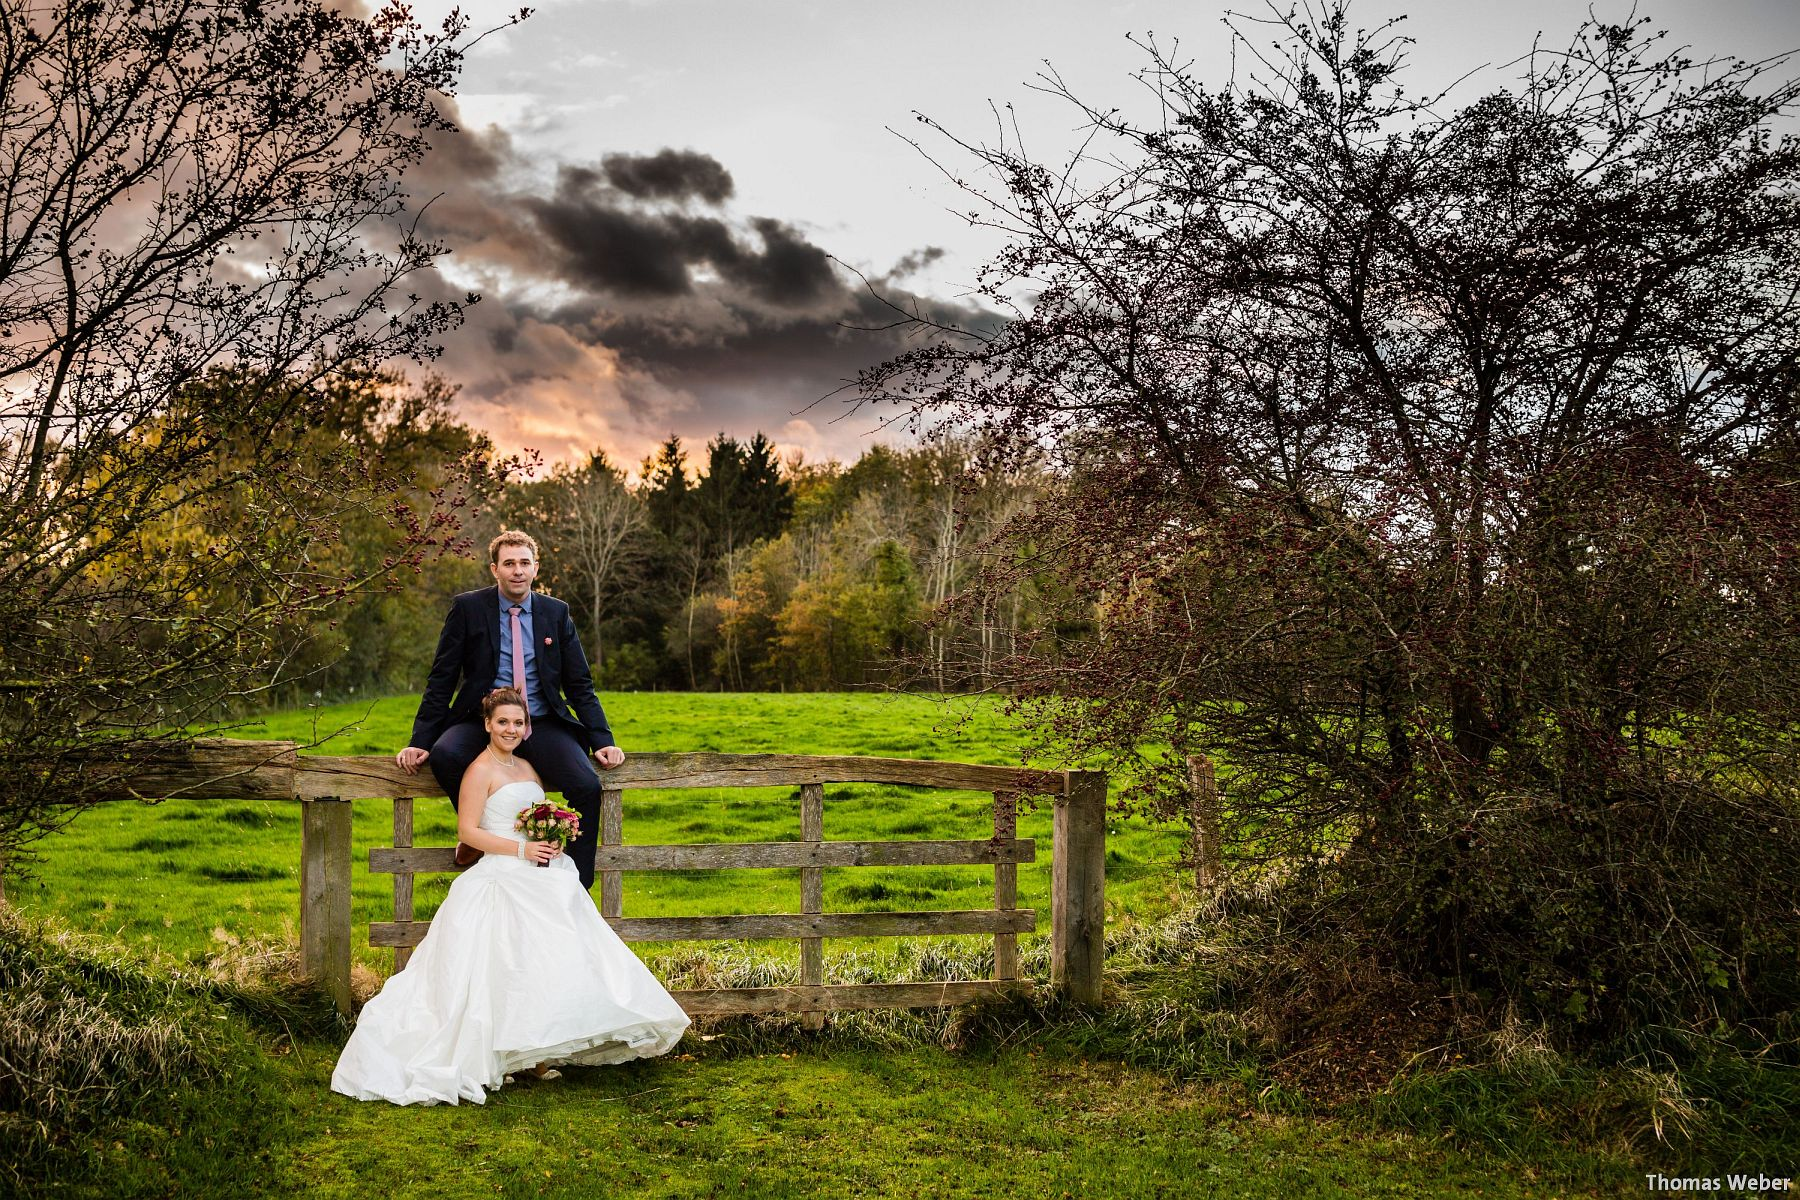 Hochzeitsfotograf Papenburg: Hochzeitsfotos während eines Orkans auf dem Gut Altenkamp